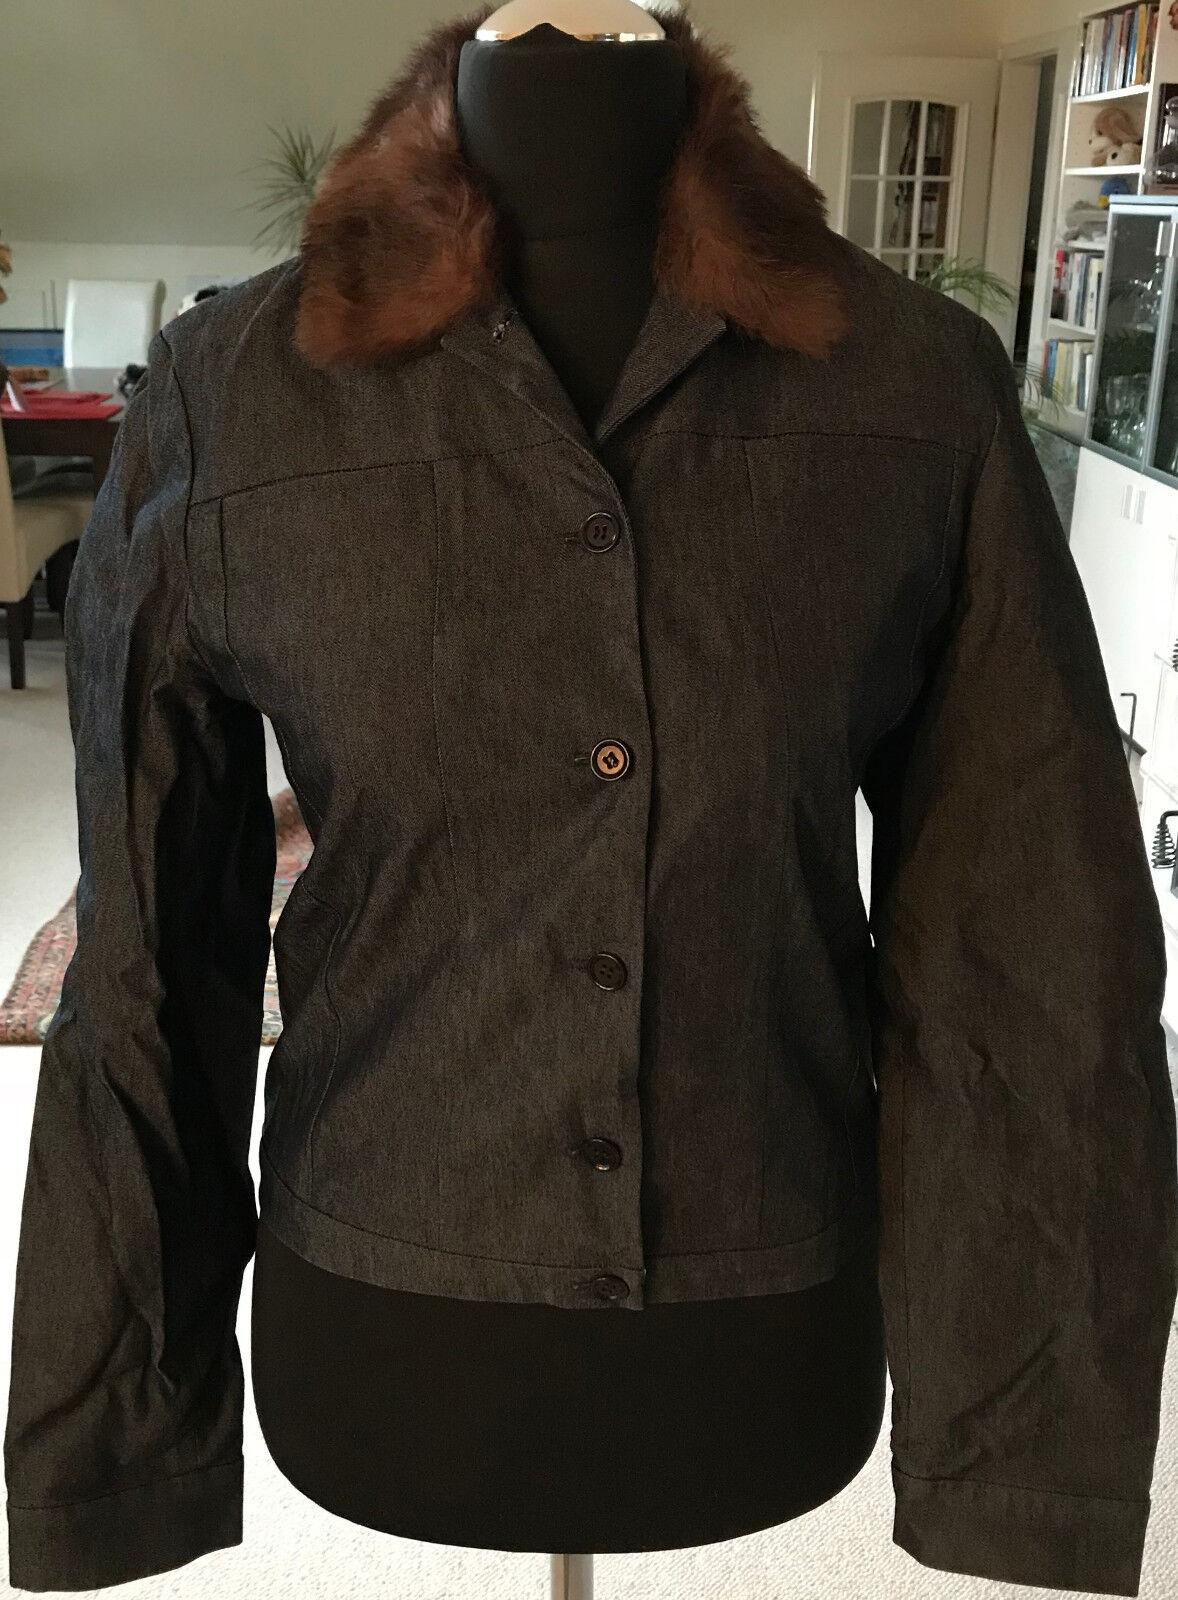 Schwarz-grau melierte Jeansjacke AYGILL's abnehmbaren Fellkragen Gr. 36 kurz gef